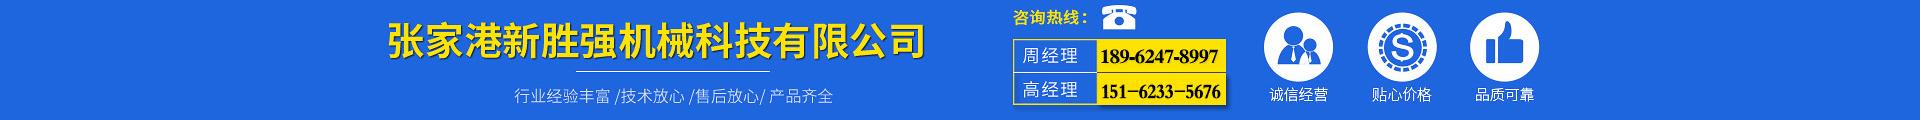 张家港新胜强机械科技有限公司